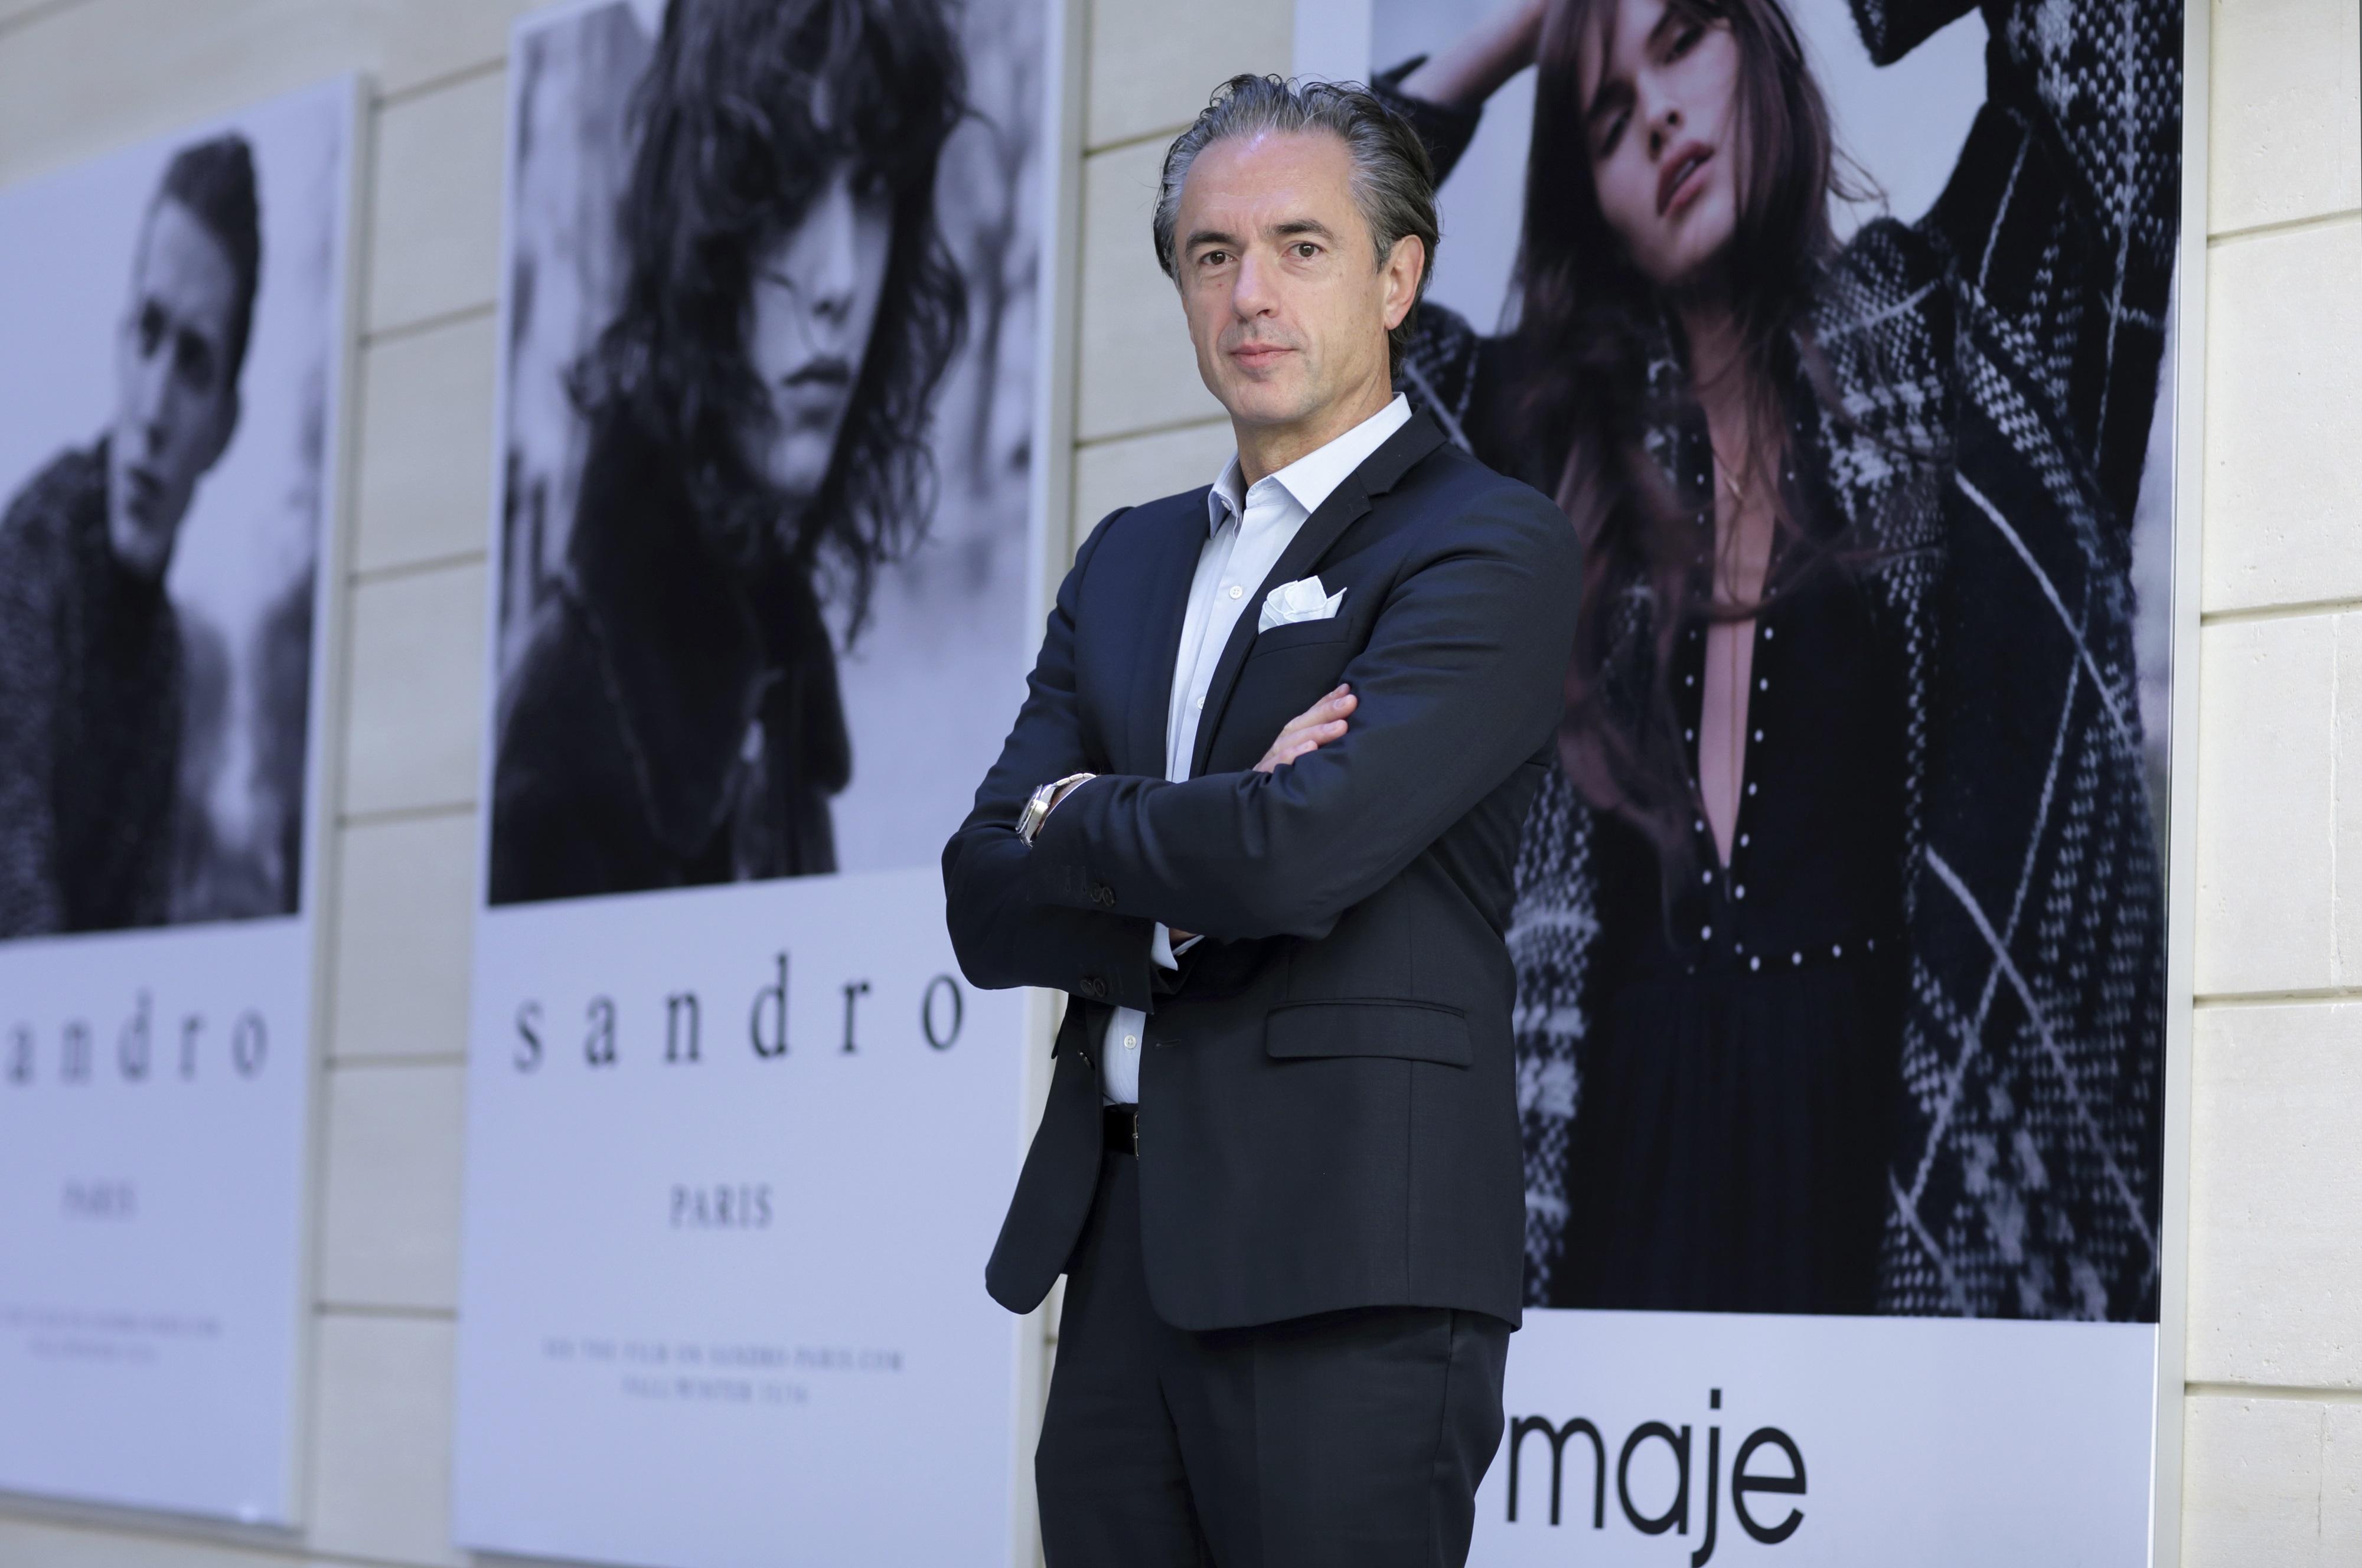 Convoite Ruyi Sandro Shandong Textile Le Géant Qui Du Chinois Maje q6Z4aF0w